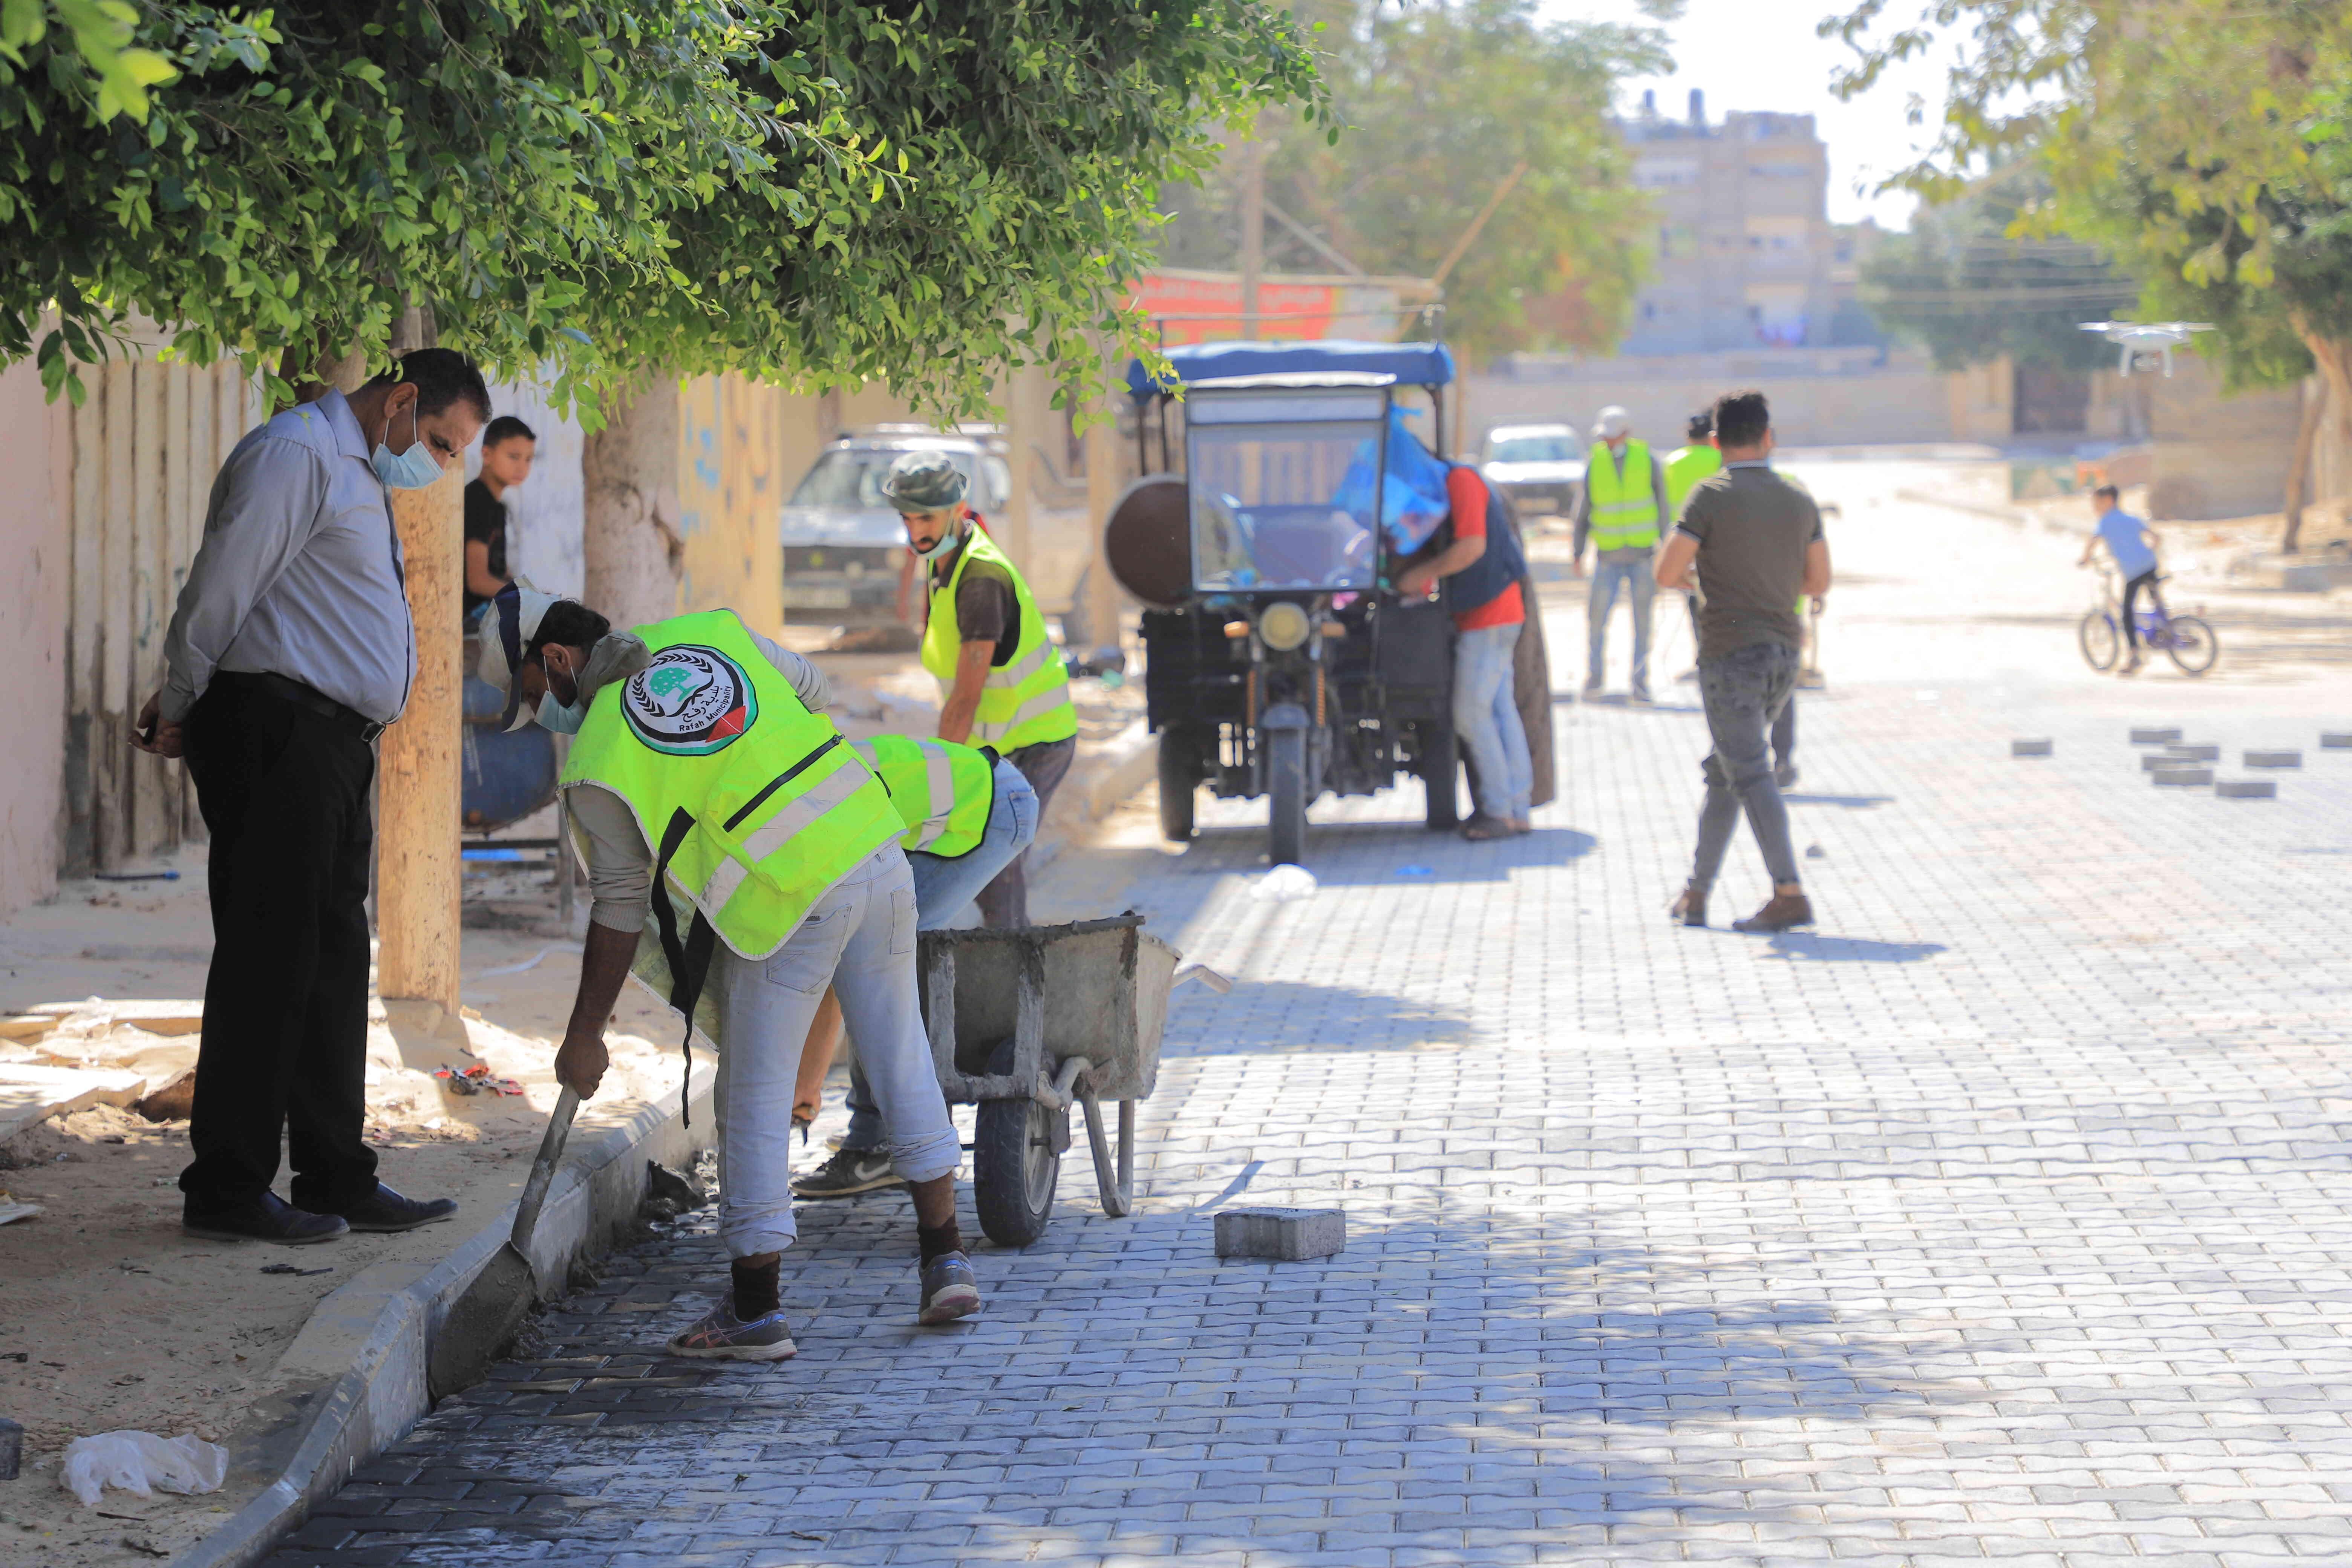 بلدية رفح تواصل أعمال رصف وتعبيد شوارع داخلية في الحي الإداري